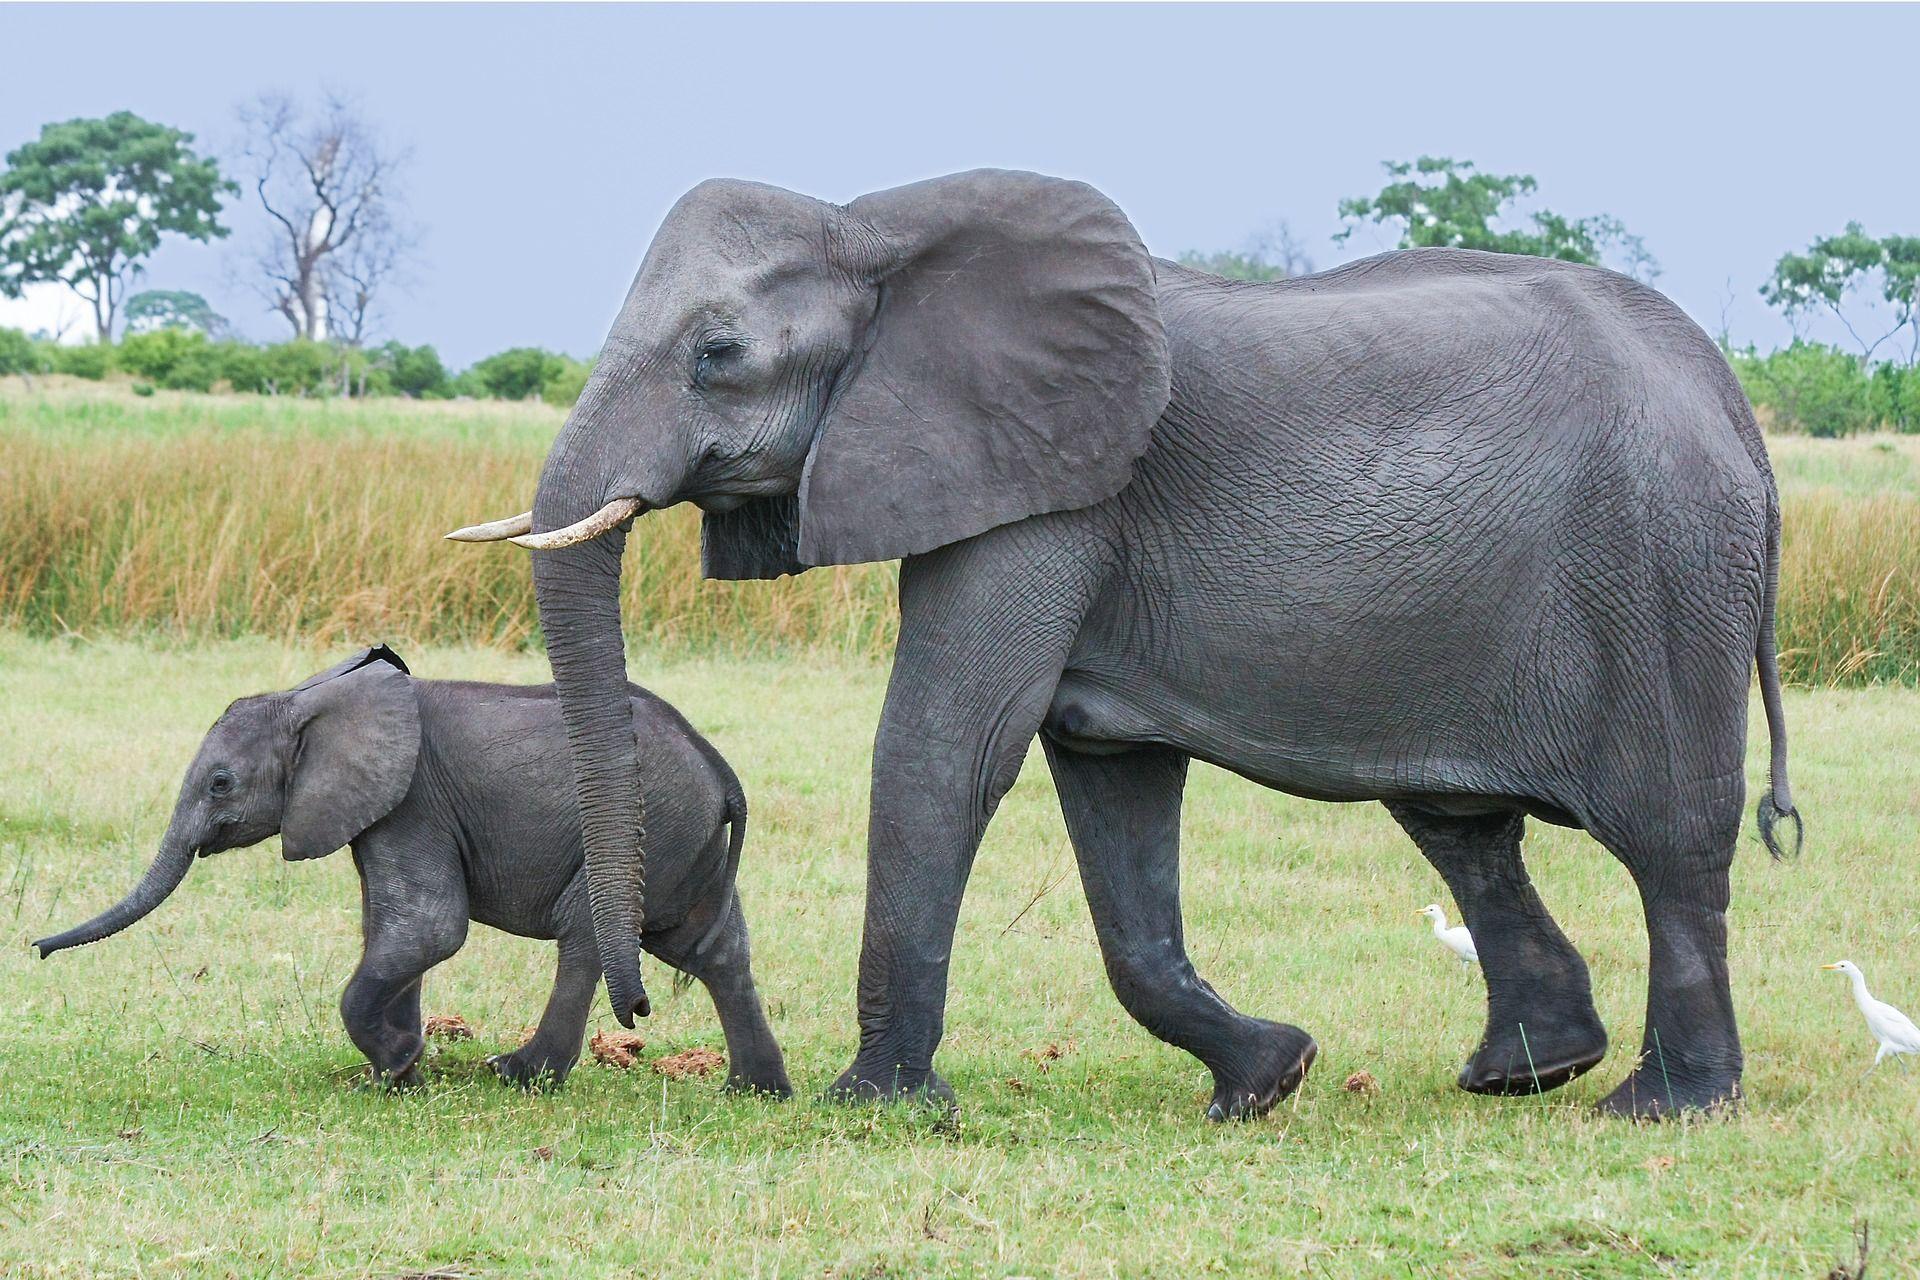 Смотреть интересную картинку белого слона на природе